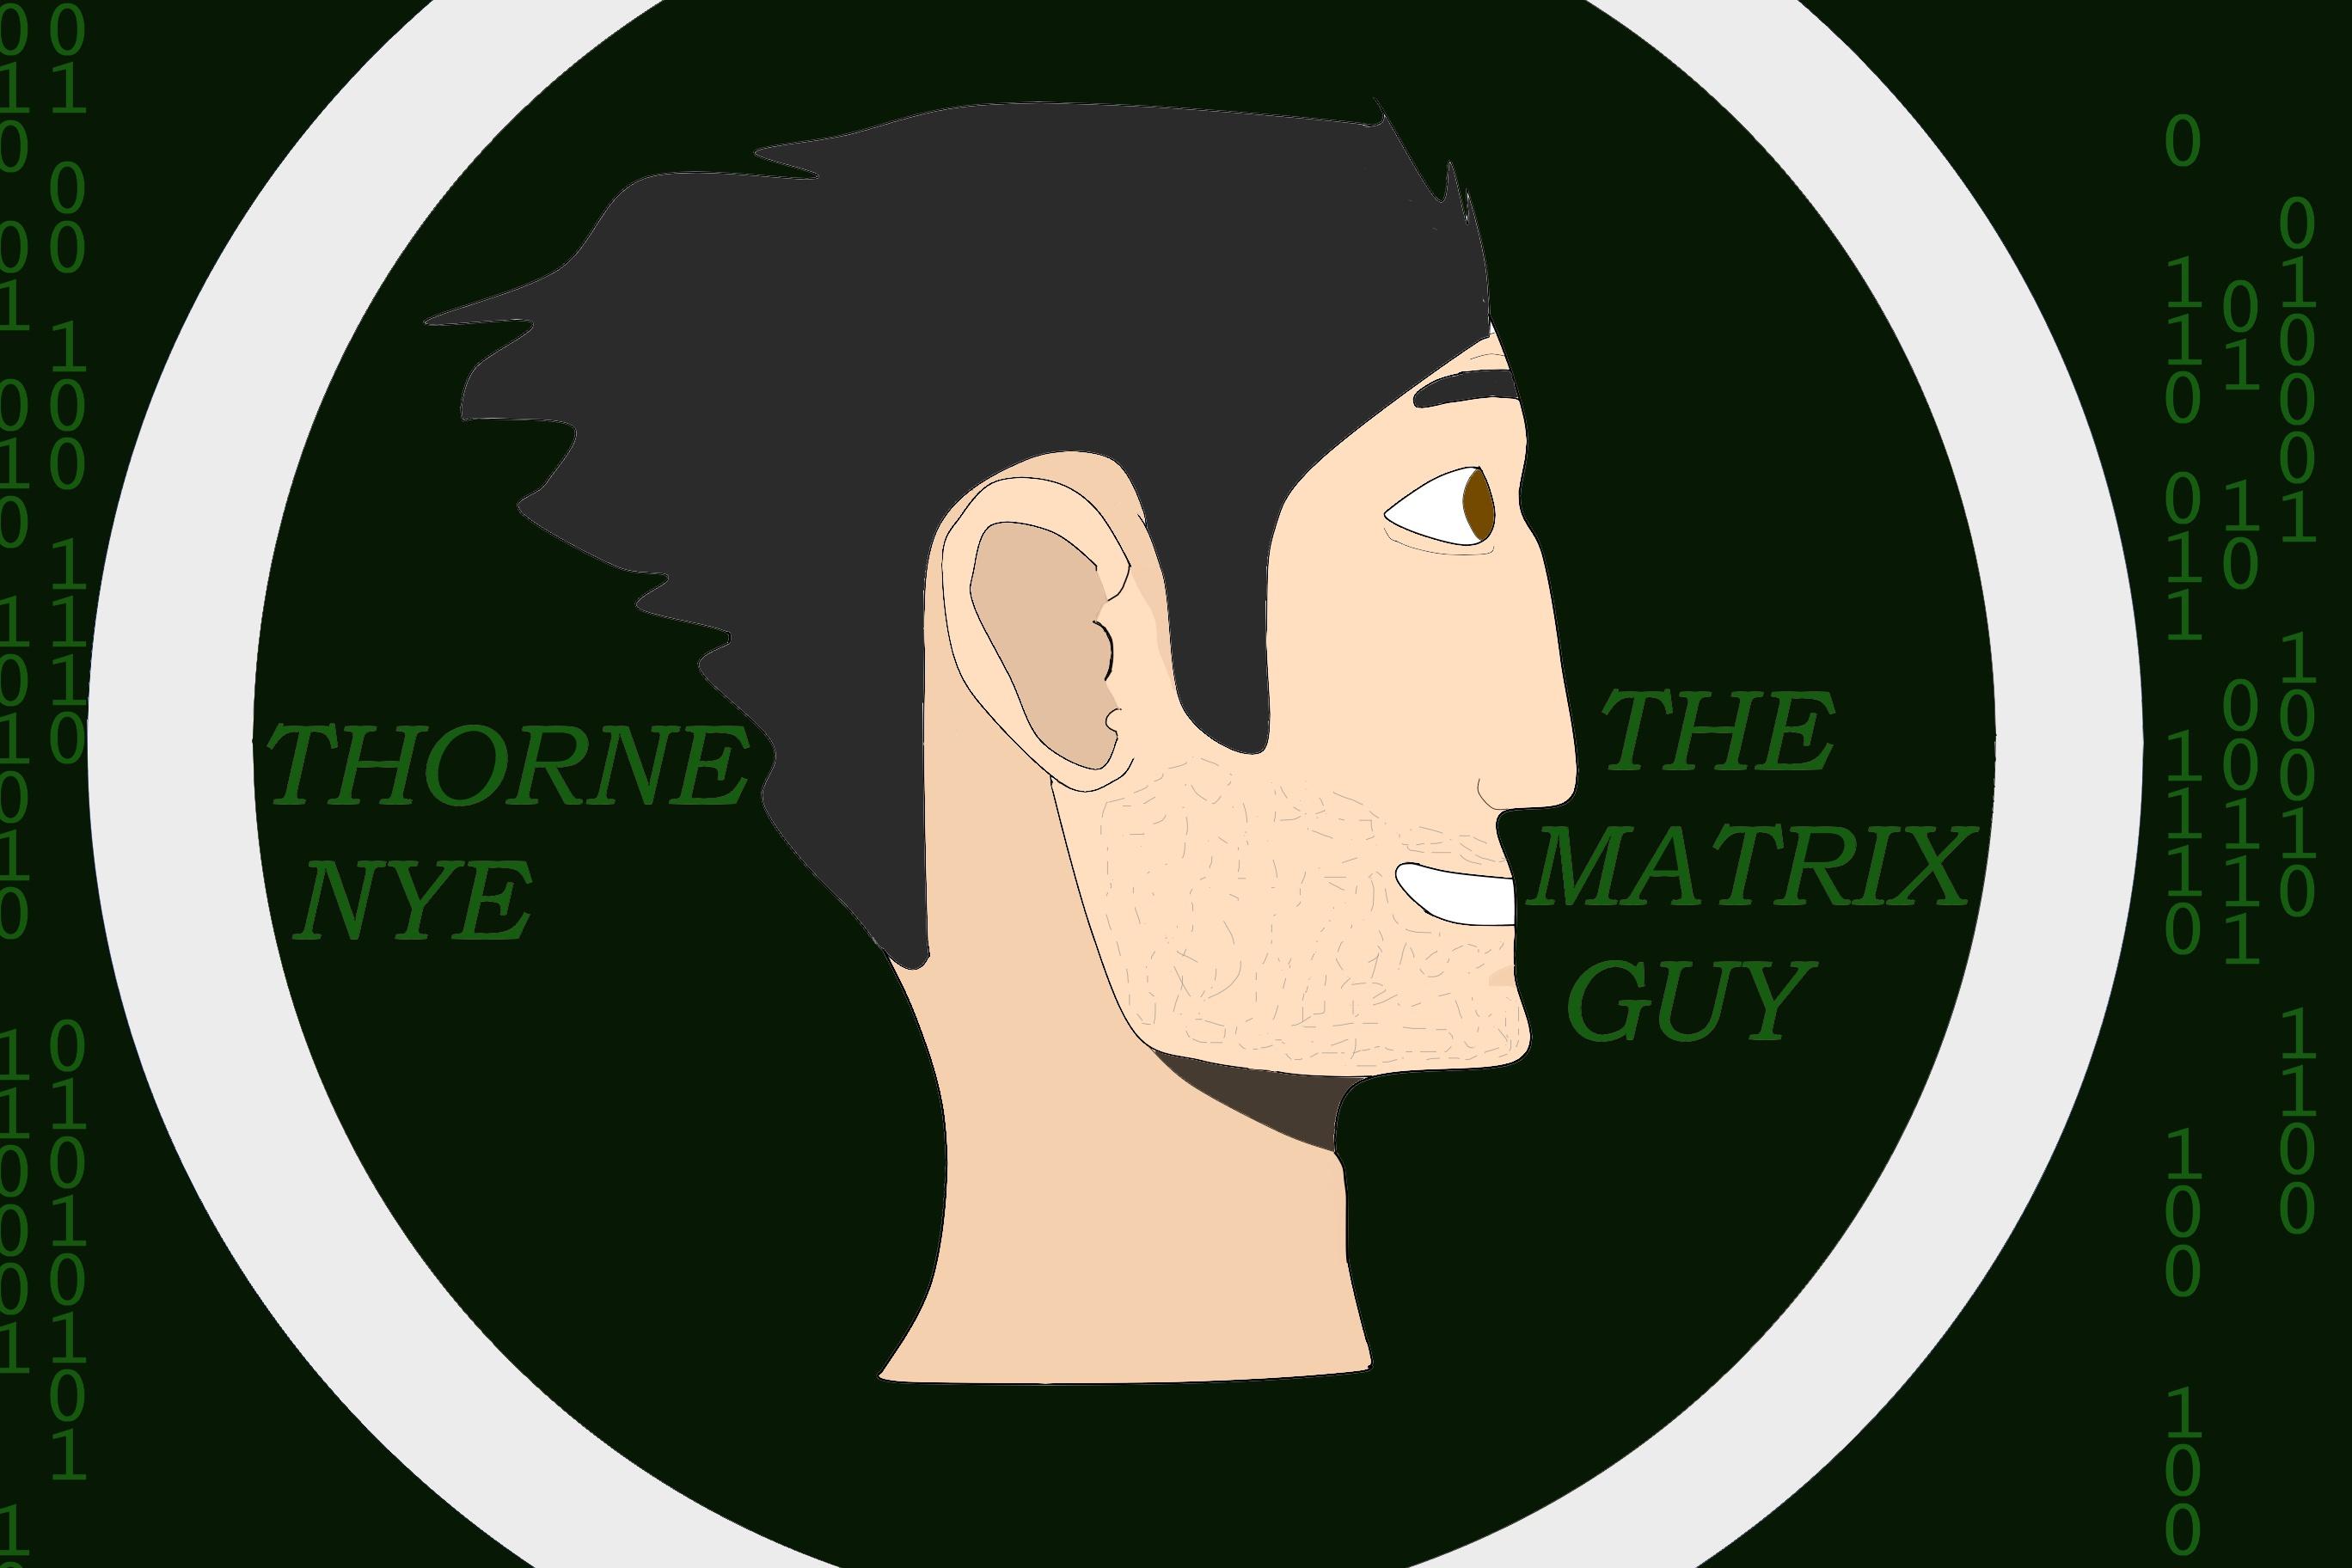 Thorne_Nye.jpg